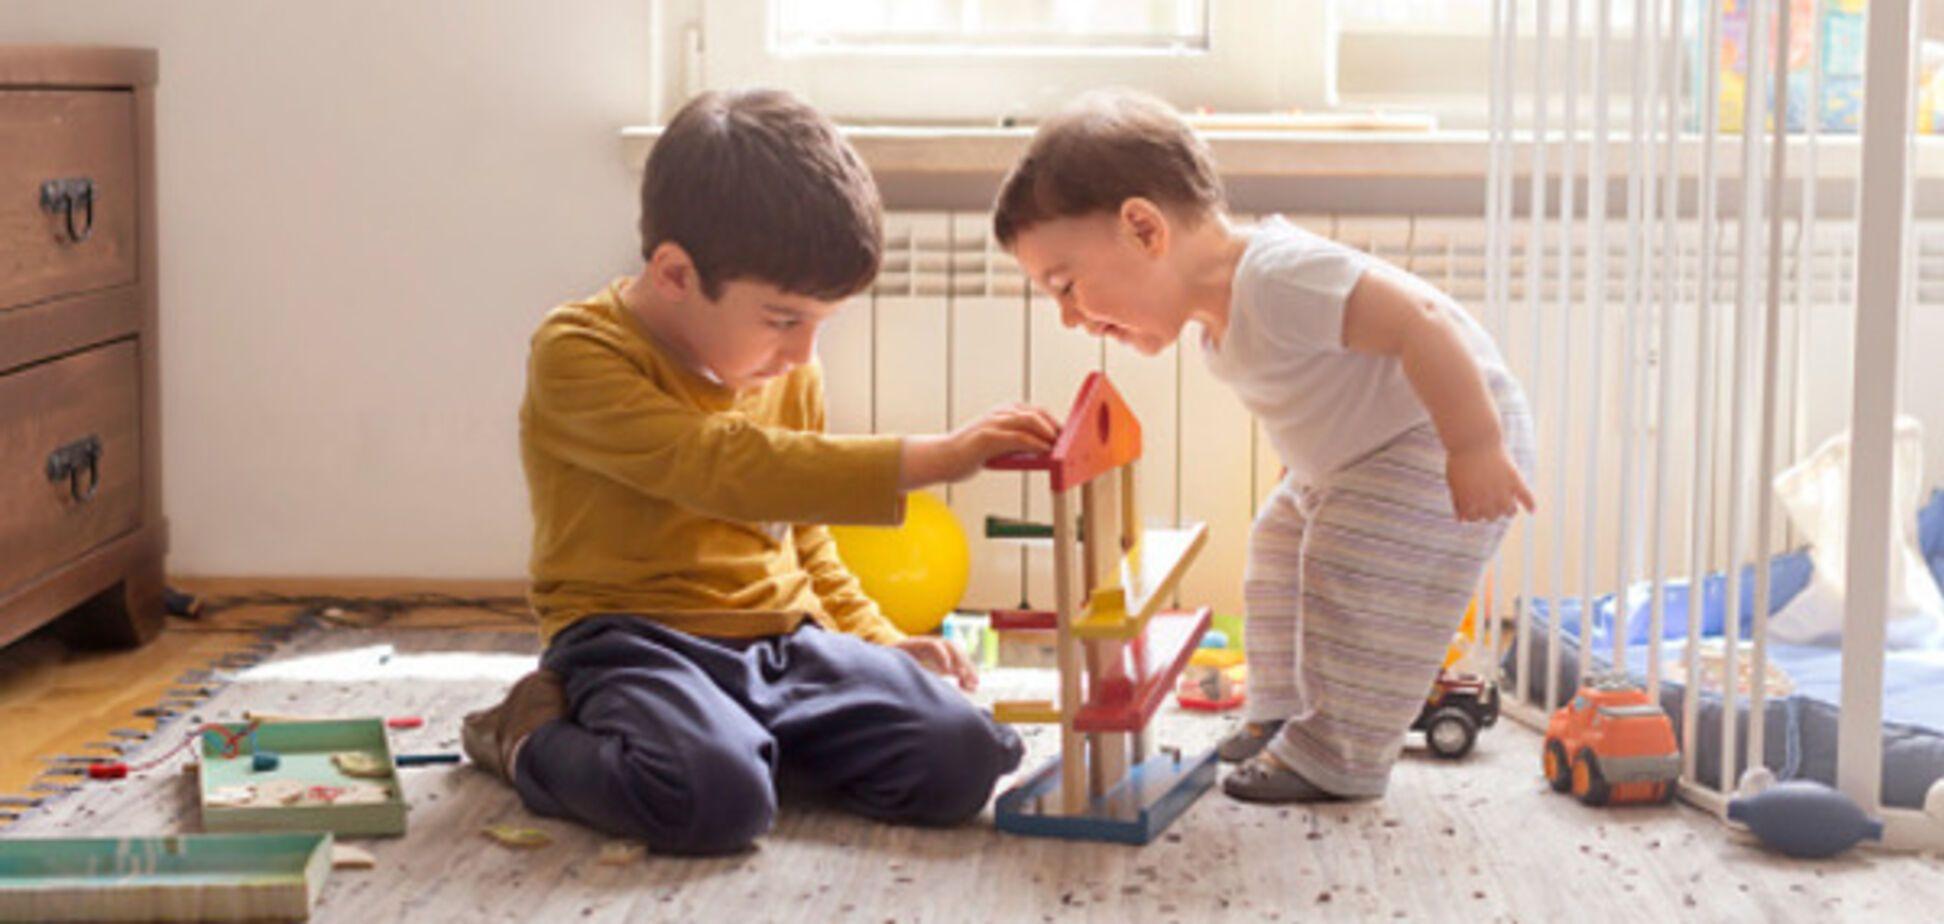 Если дети не играют, в этом виноваты взрослые